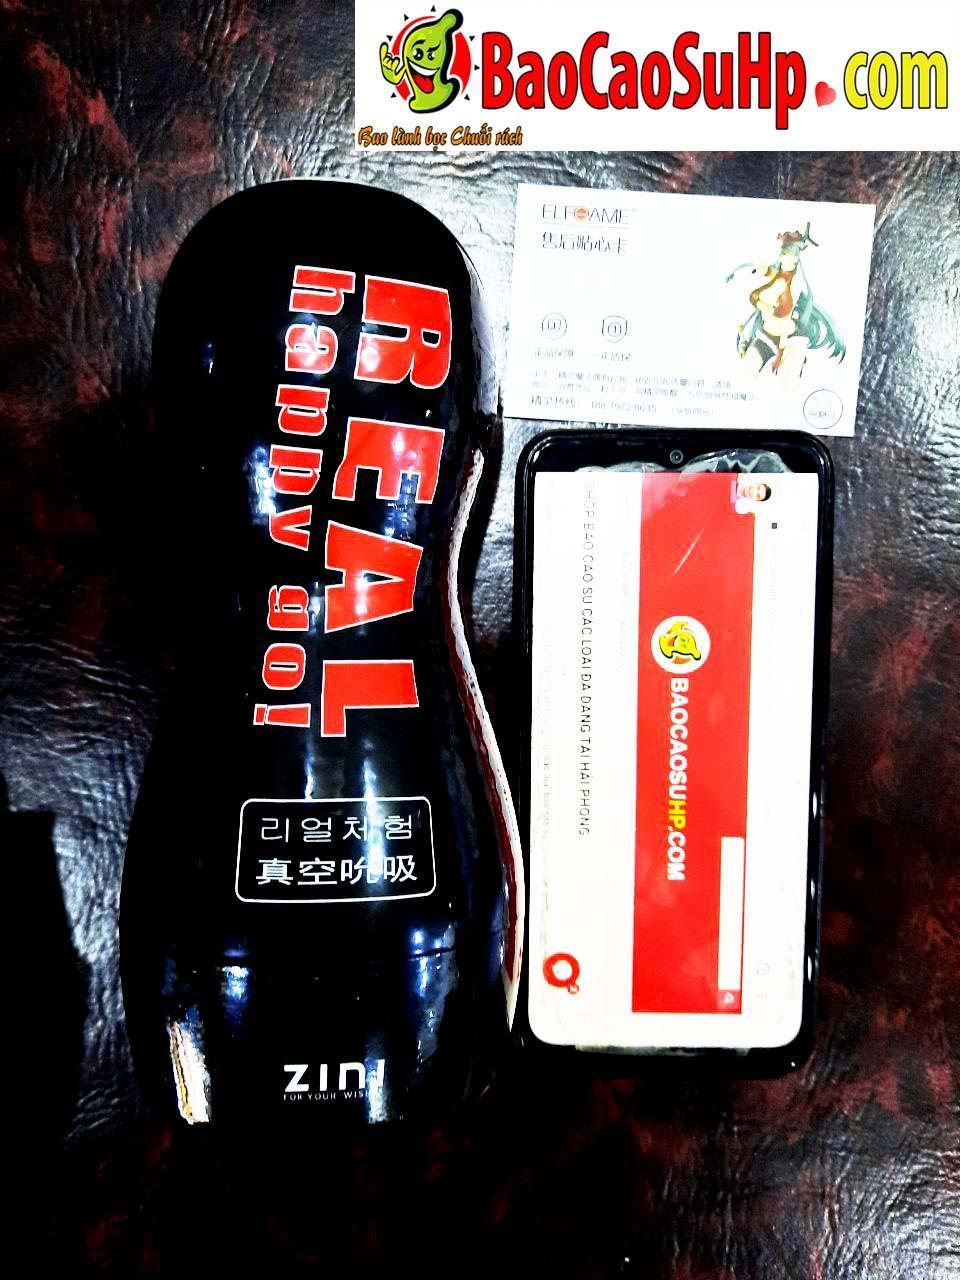 20200319083701 4660047 sextoy coc thu dam zini real chat luong nhat ban - Địa chỉ mua sextoy uy tín hàng về 19.03.2020